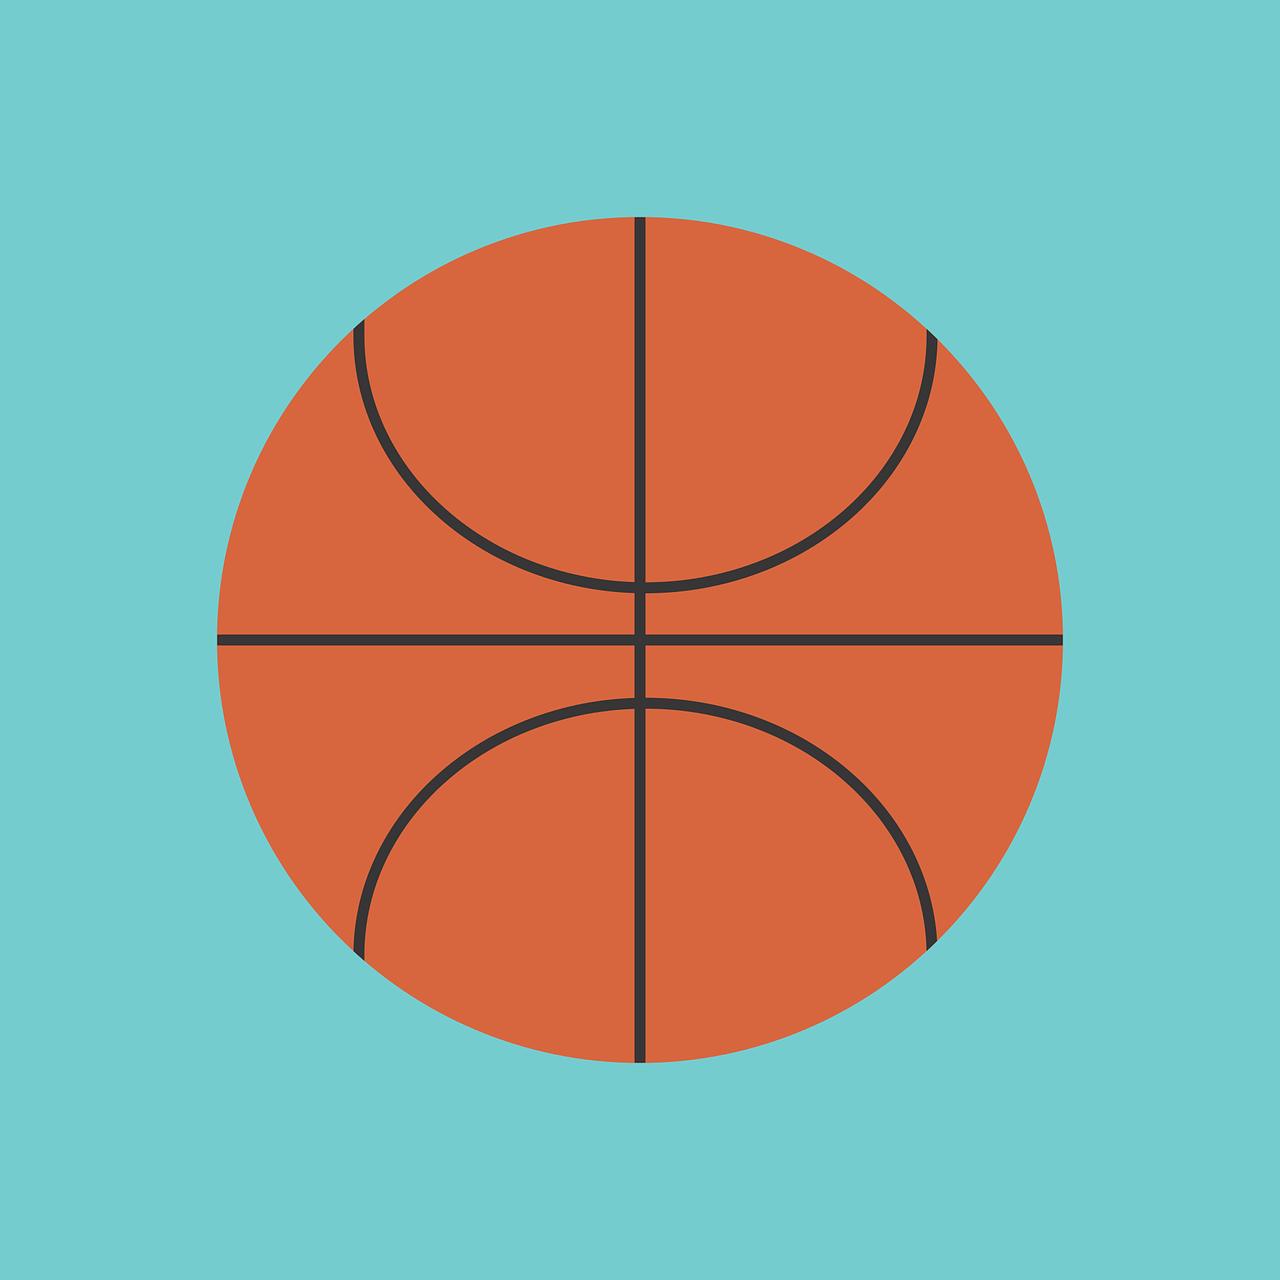 【NBAクイズ 厳選20問】バスケ好き必見!!NBA問題を紹介!難問あり。